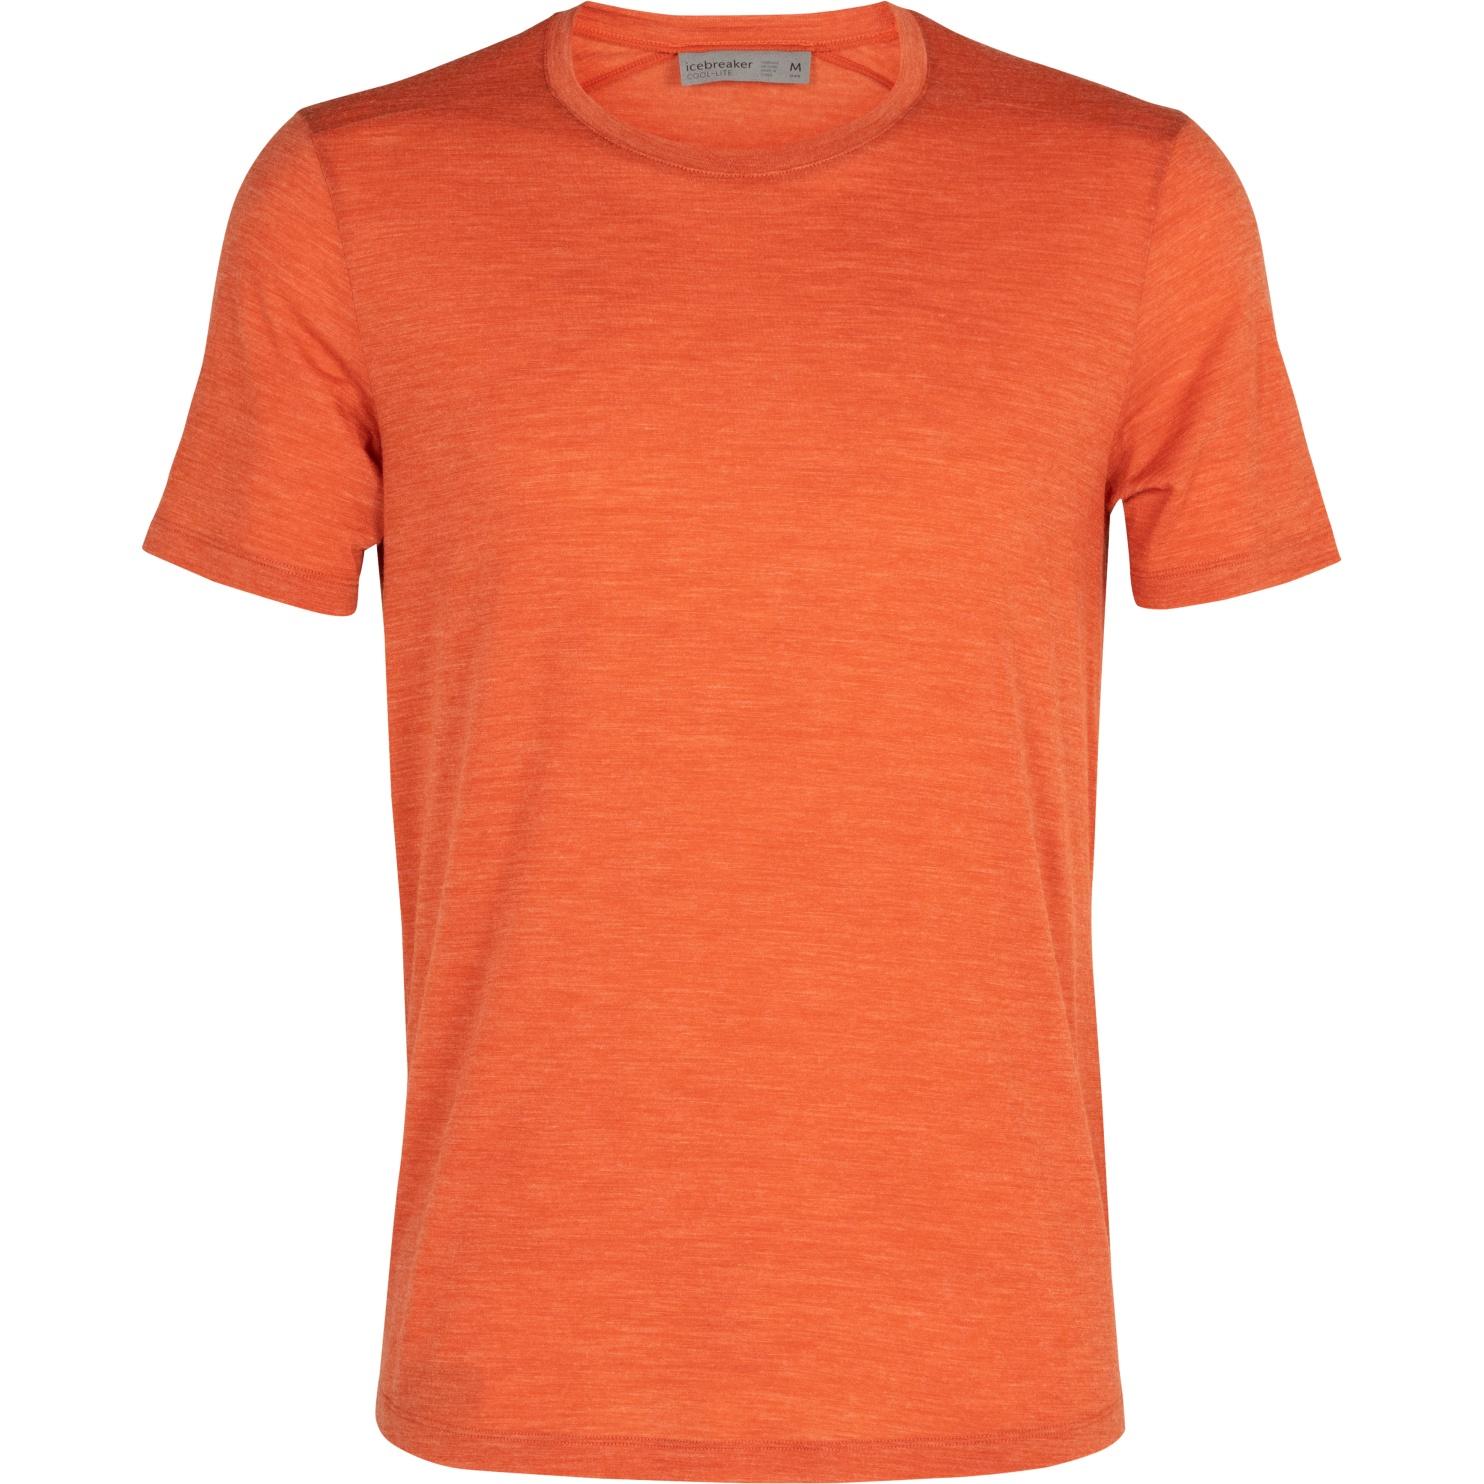 Produktbild von Icebreaker Sphere Crewe Herren T-Shirt - Roote HTHR